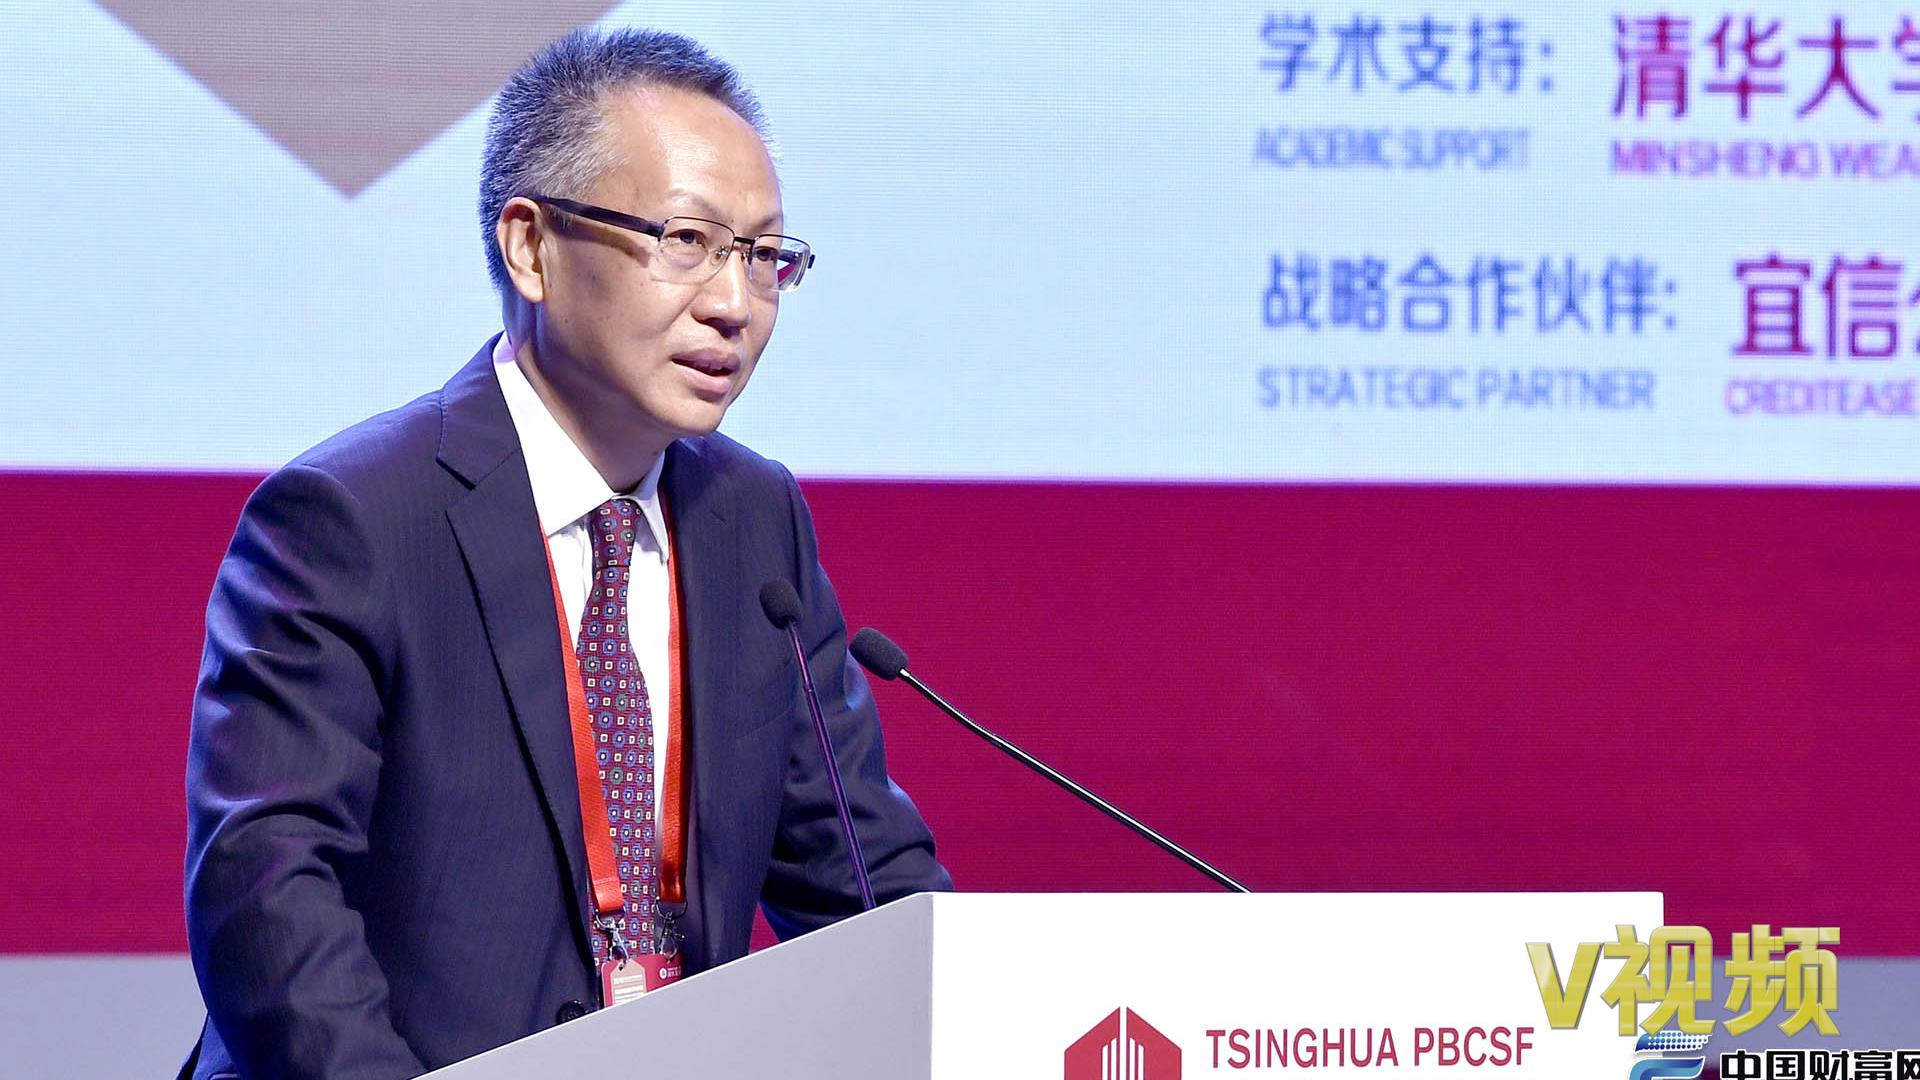 张健华:商业银行做财富管理可以合作共赢